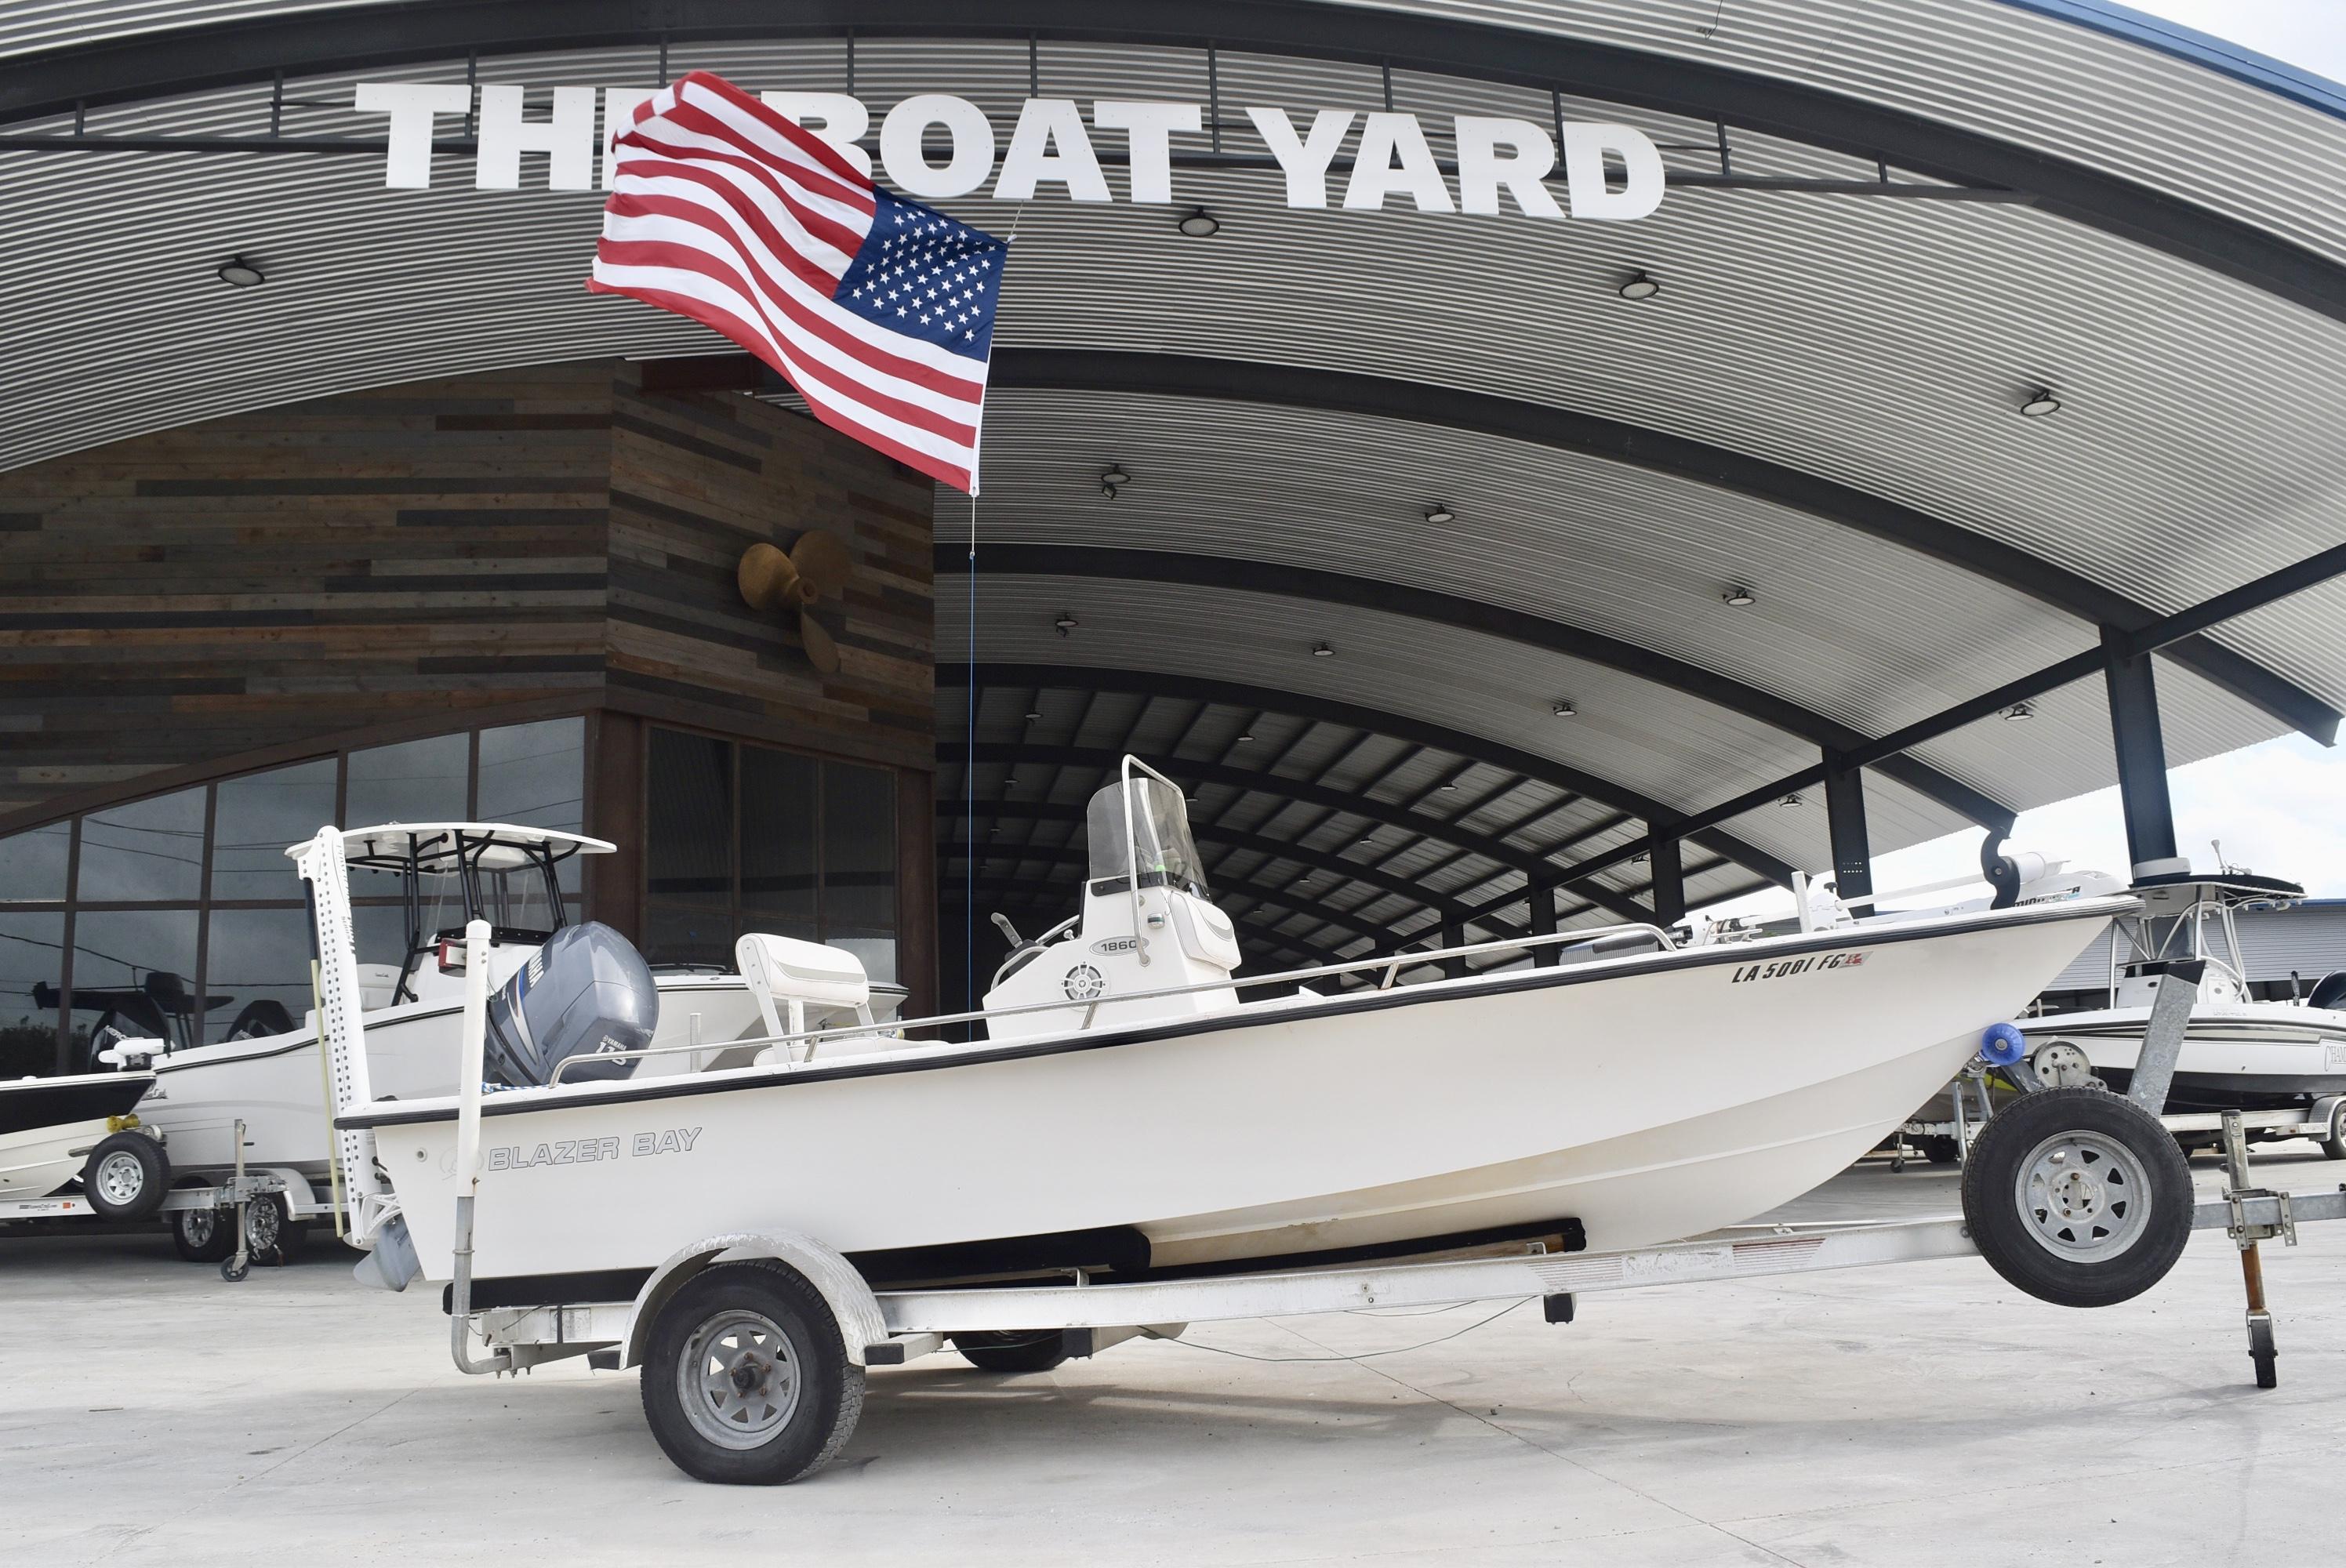 New  2003 Blazer Boats Boats Bay Boat in Marrero, Louisiana